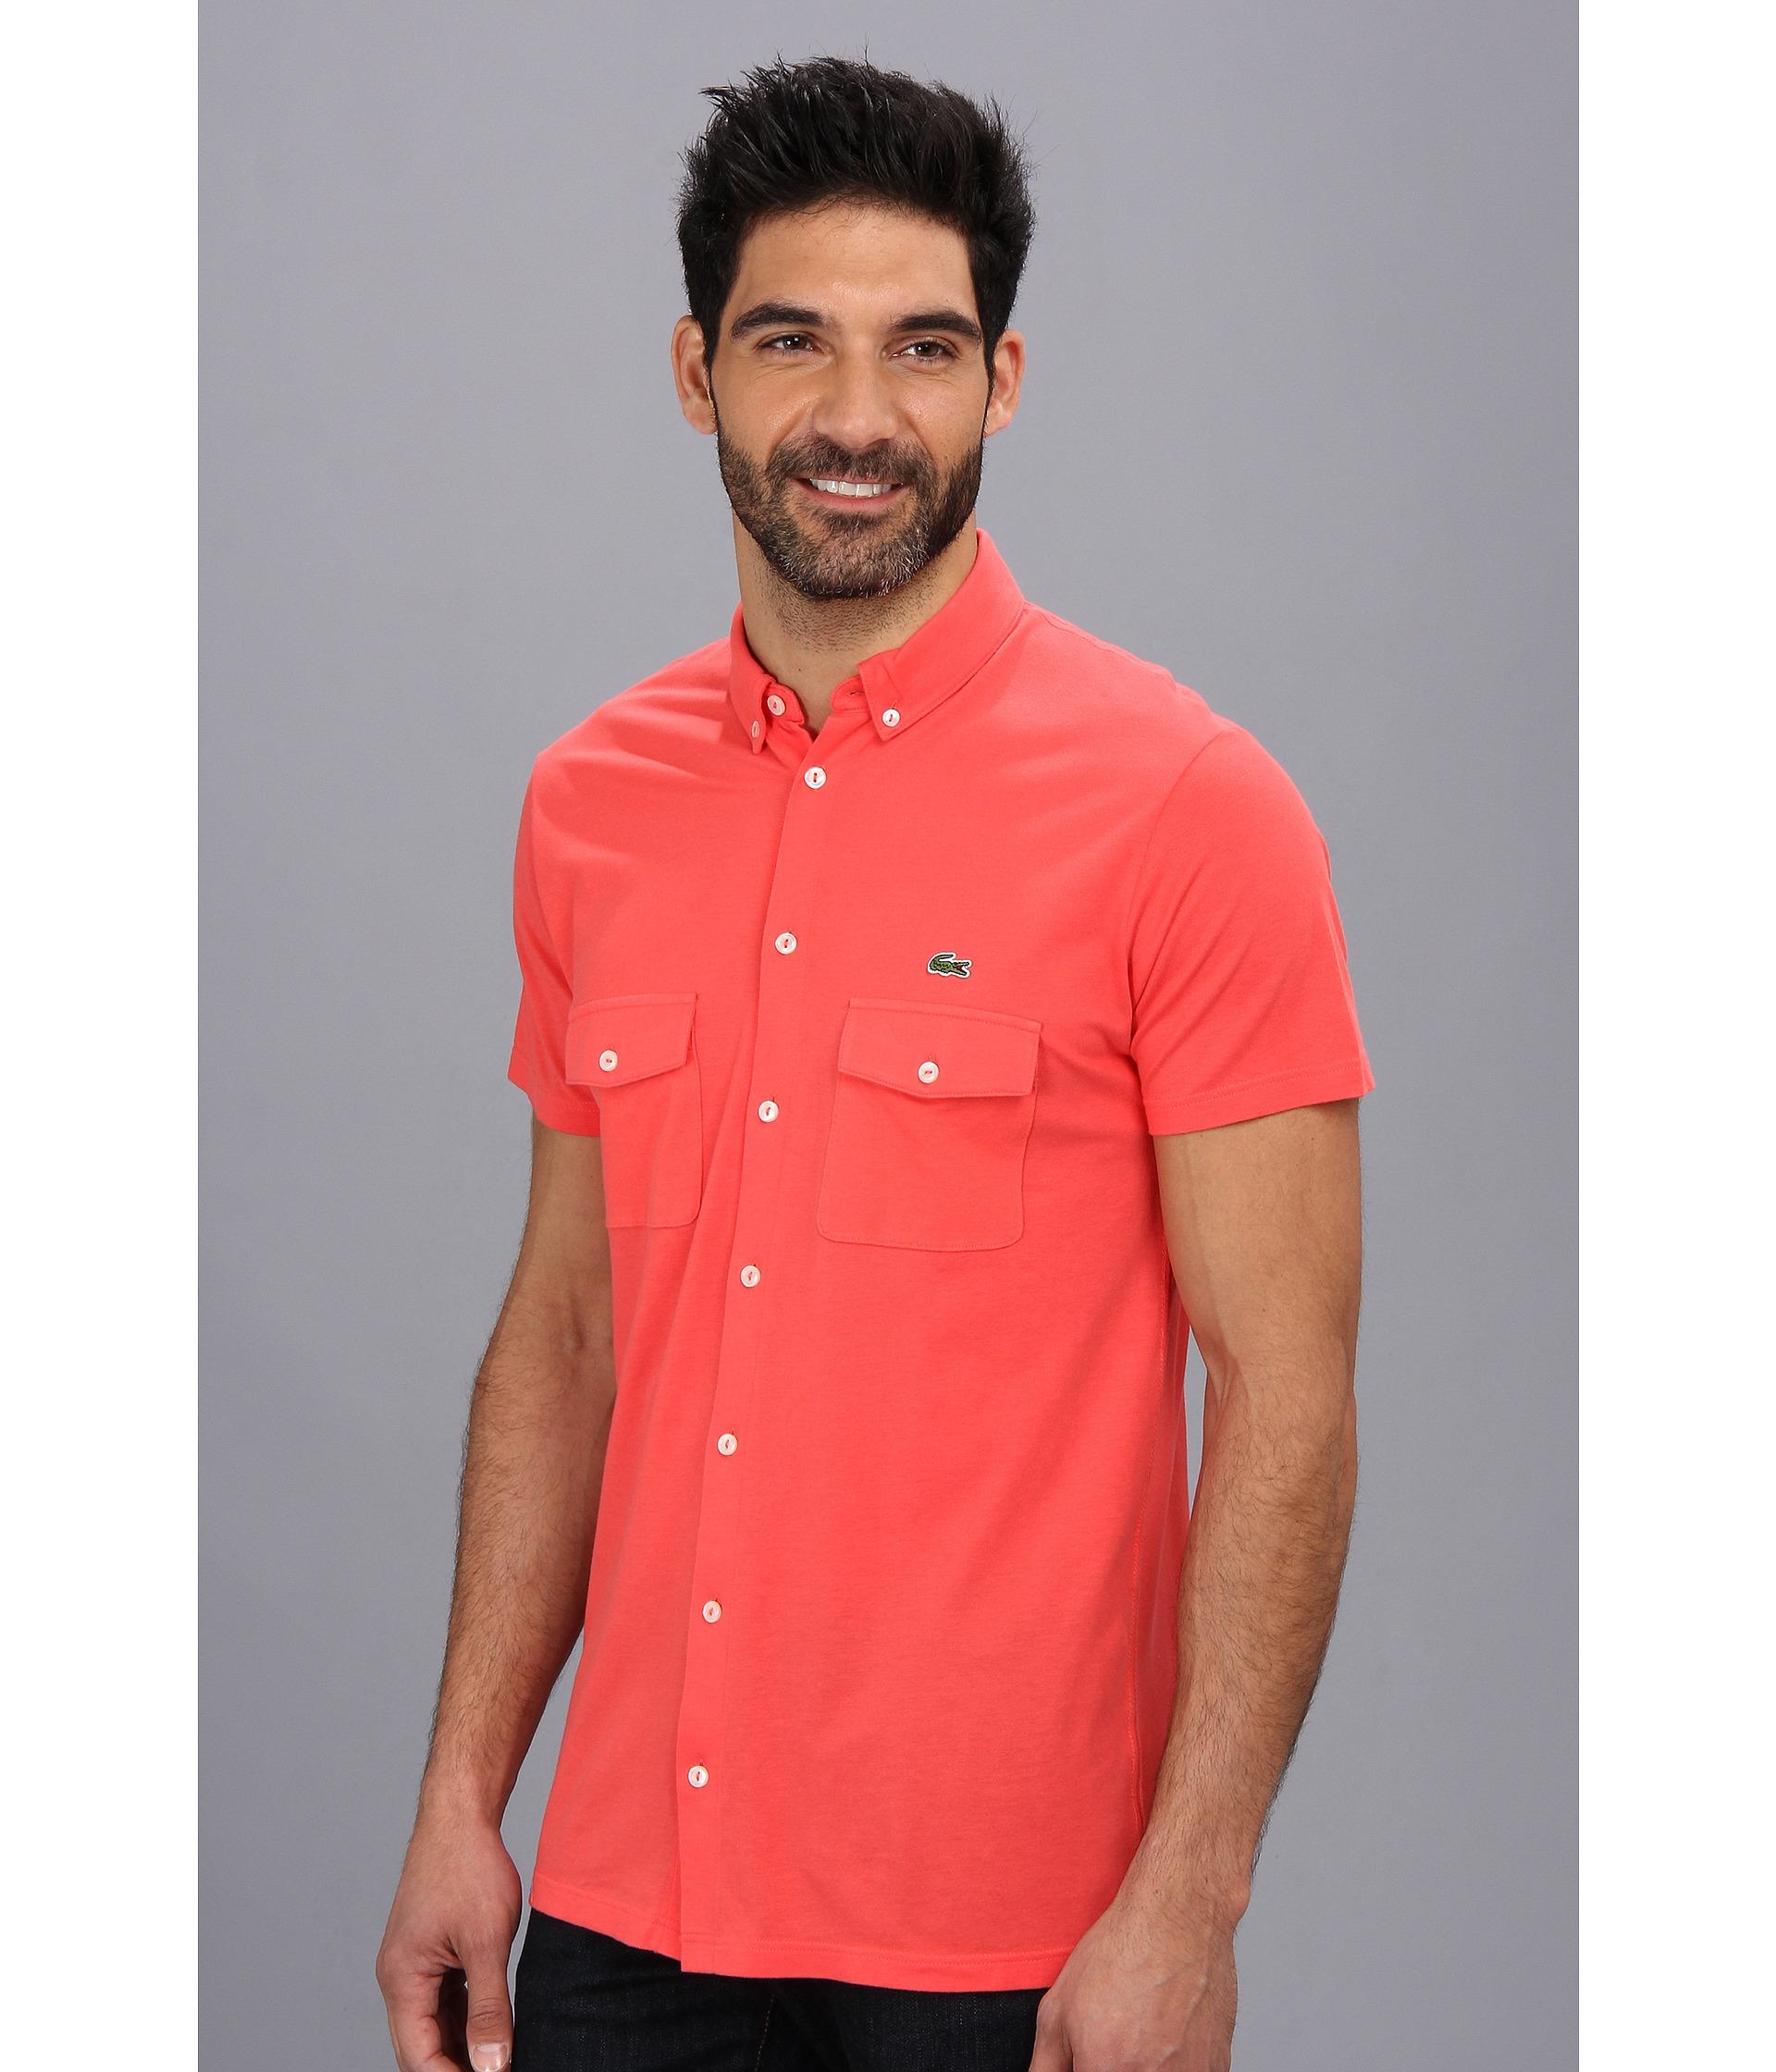 Lacoste 3 button polo shirt for 3 button polo shirts